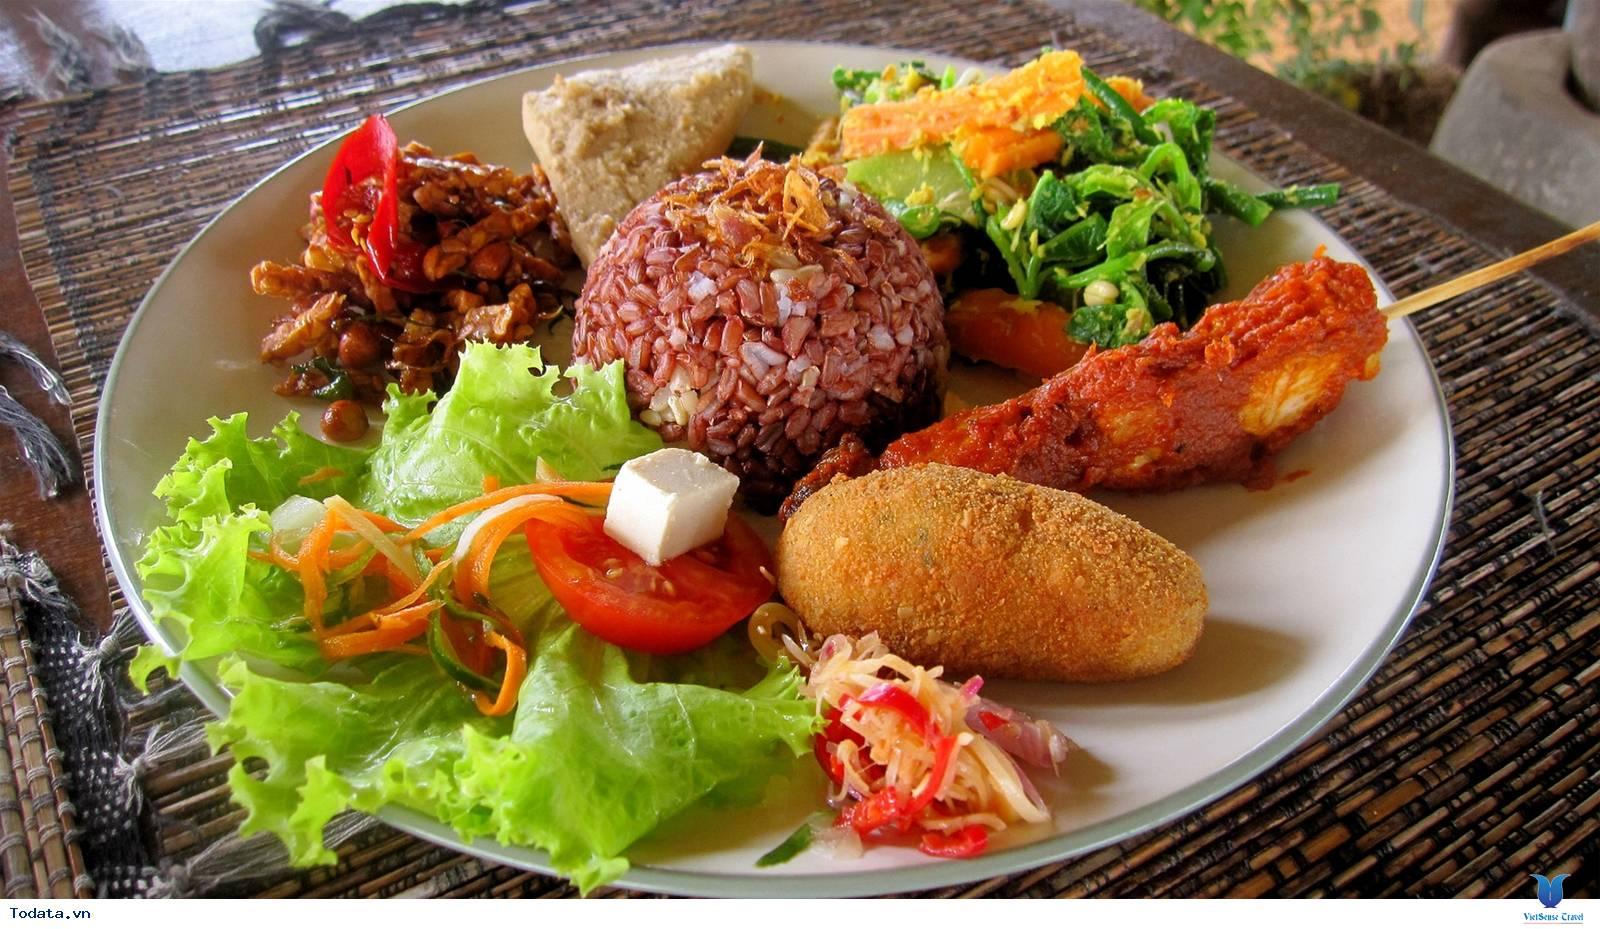 Đồ ăn vặt ở Bali ngọn tuyệt cỡ nào - Ảnh 2